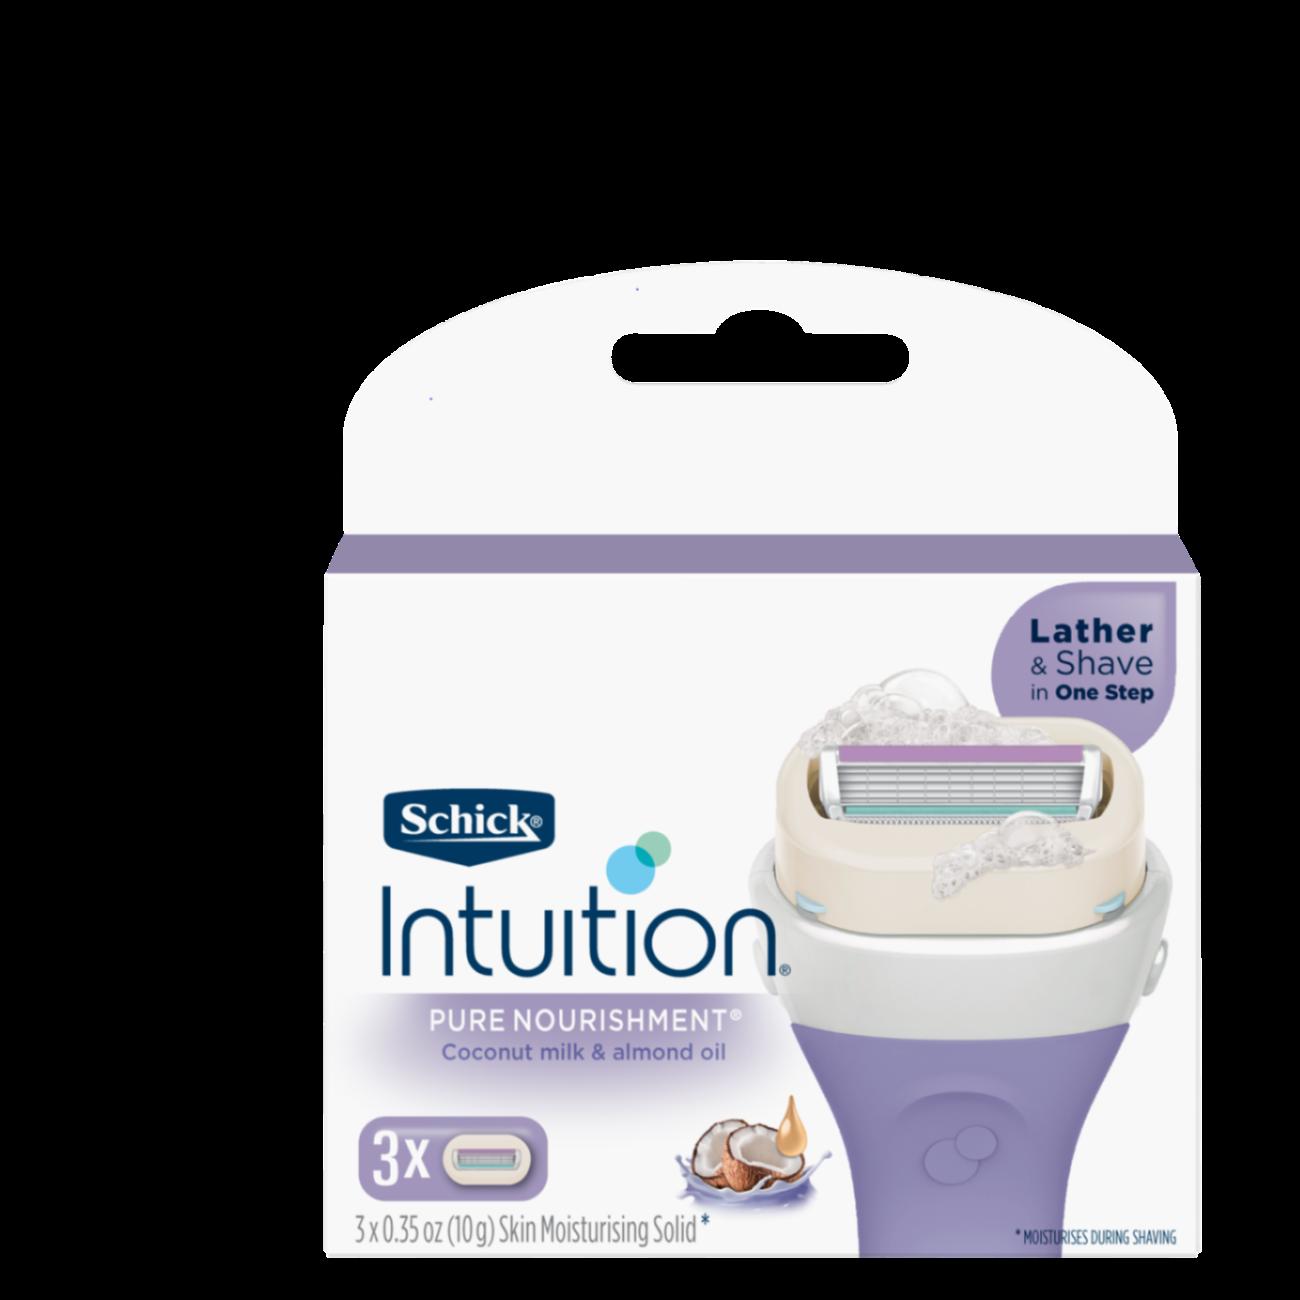 Intuition® Pure Nourishment Refills